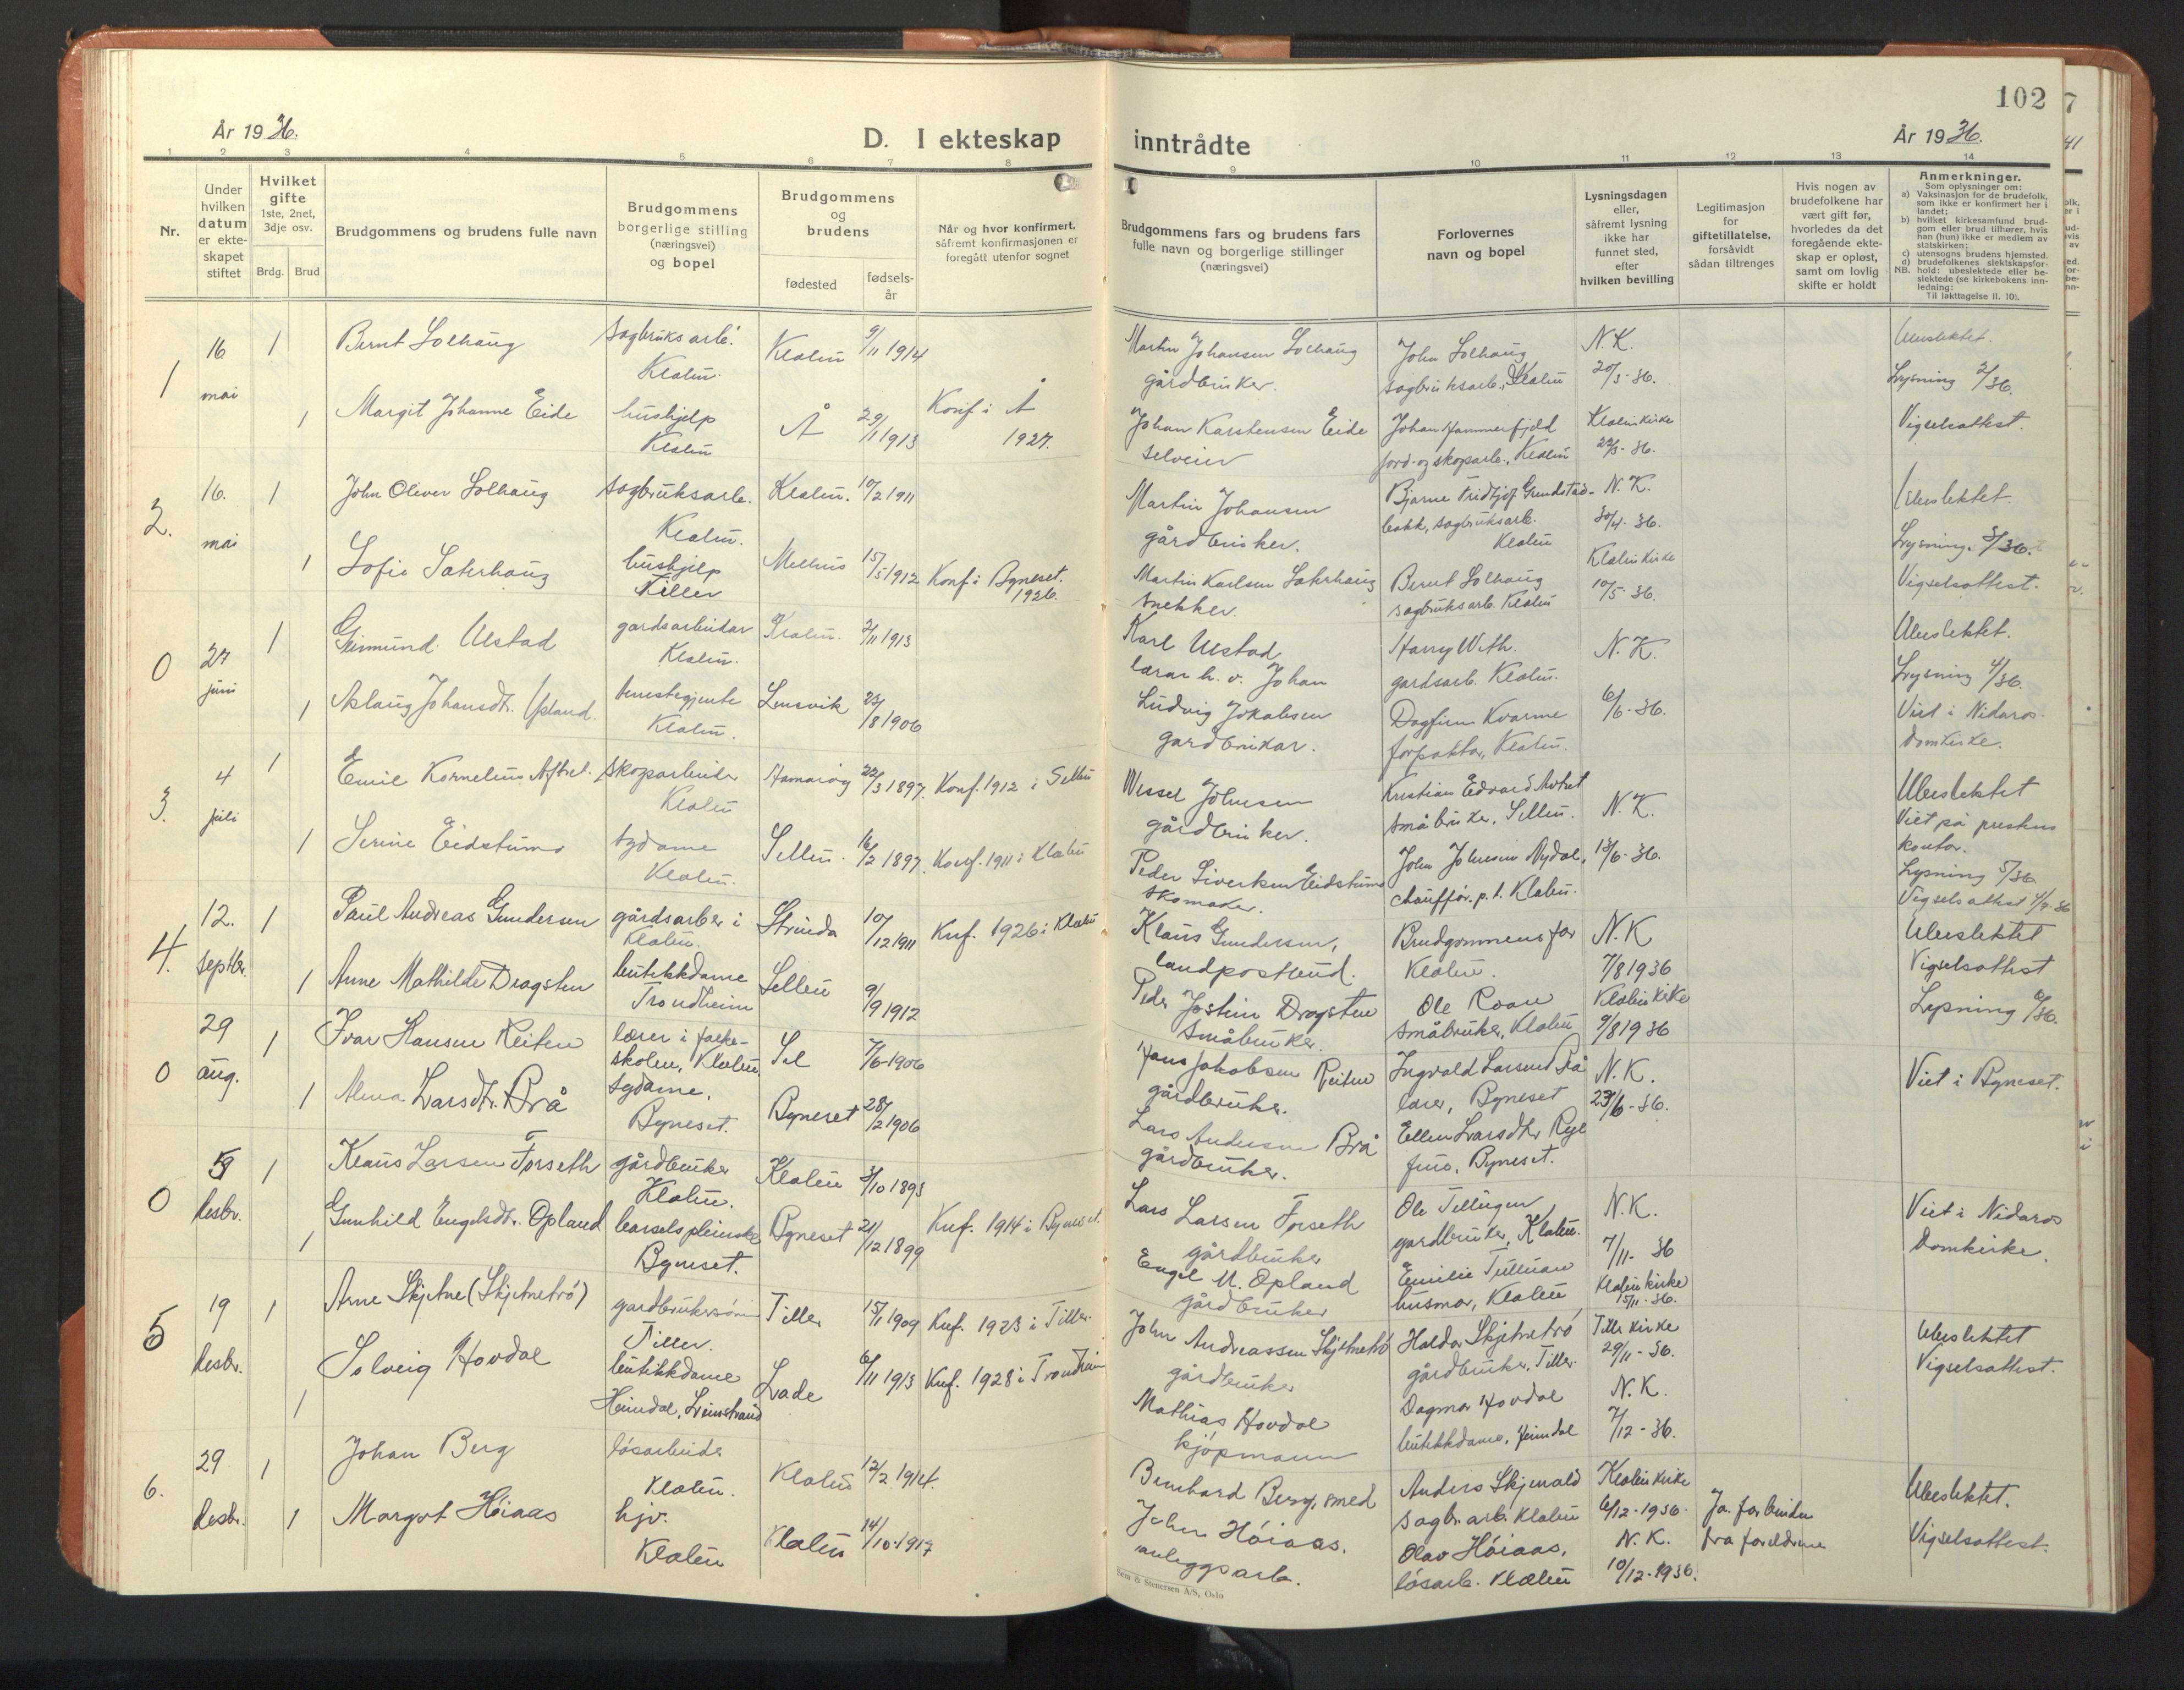 SAT, Ministerialprotokoller, klokkerbøker og fødselsregistre - Sør-Trøndelag, 618/L0454: Klokkerbok nr. 618C05, 1926-1946, s. 102